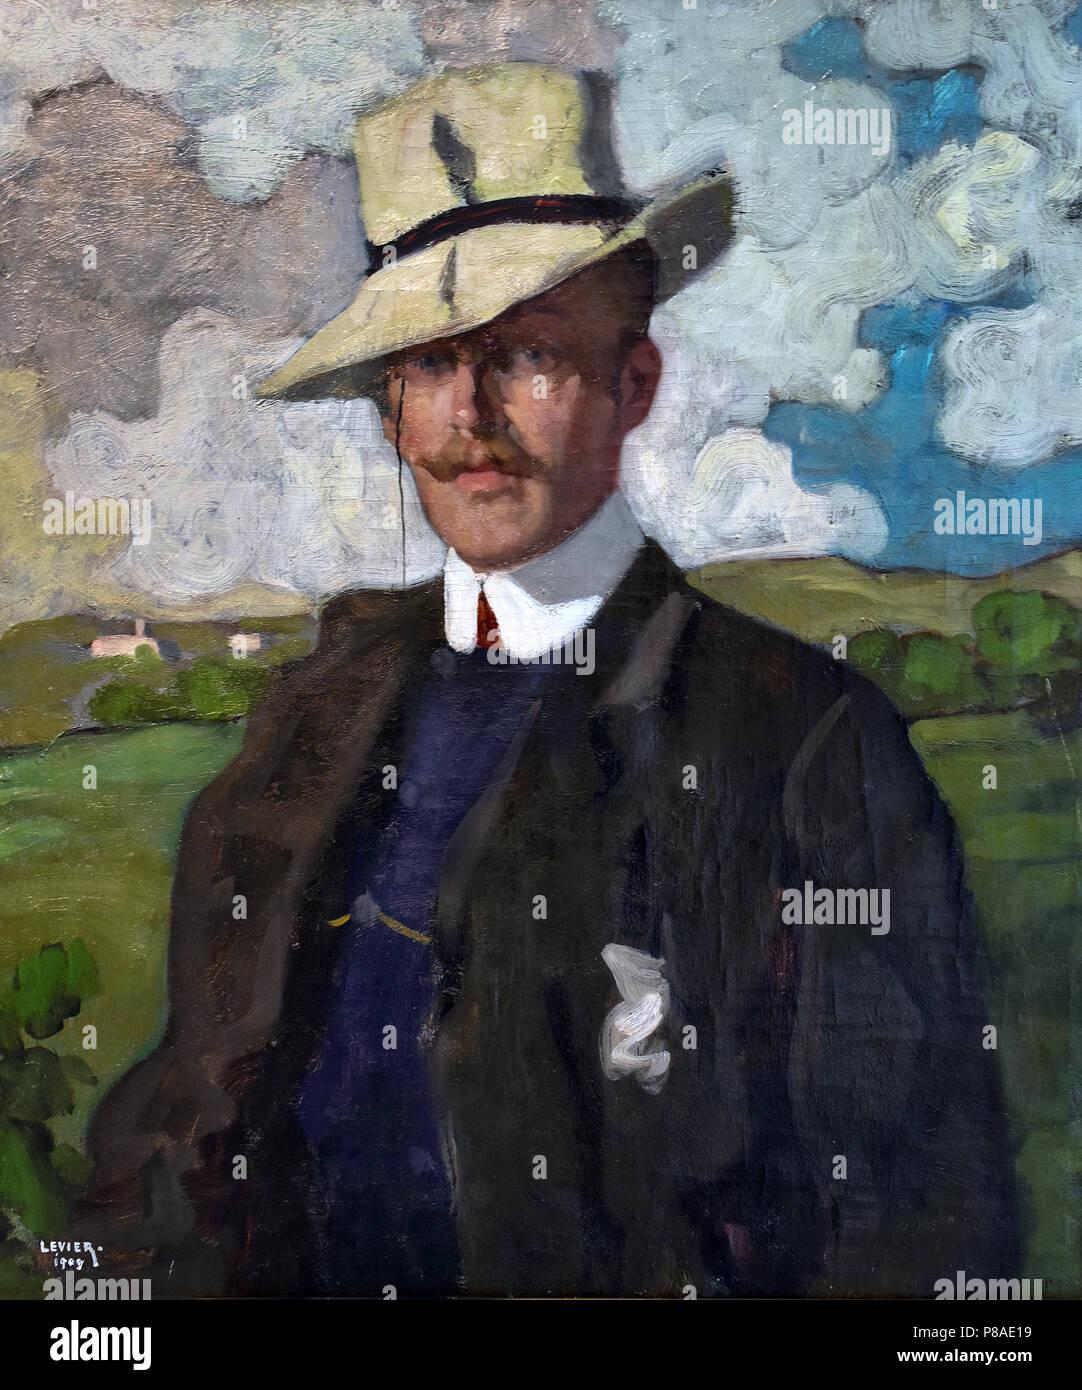 Ritratto del Musicista - Portrait of the Musician Desportes 1909 Adolfo Levier (Italian, born 1873) Italy - Stock Image